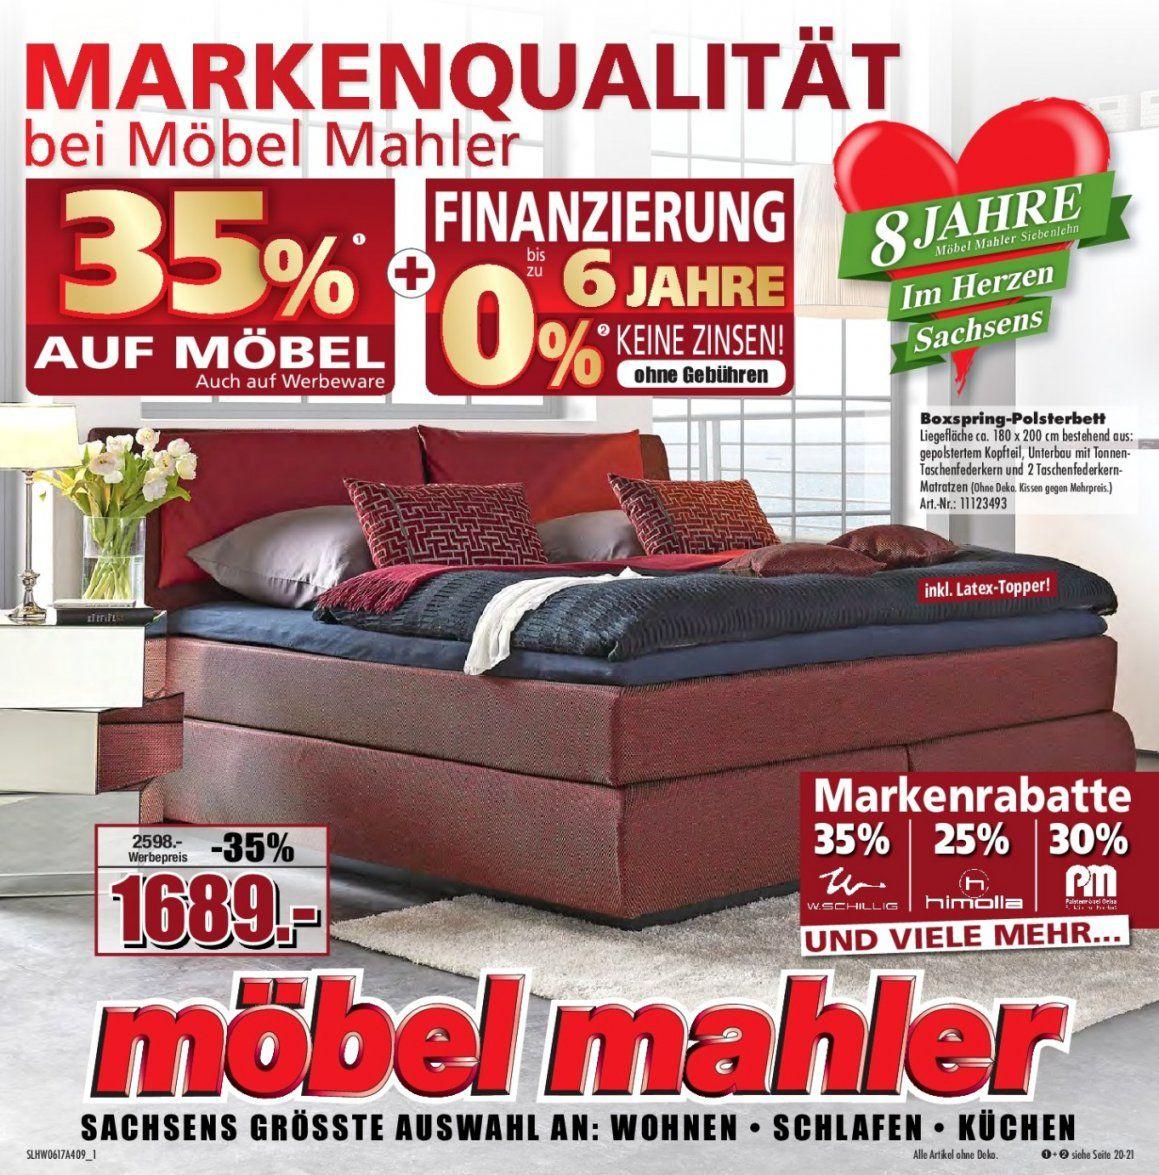 Genial Möbel Mahler Küchenplaner Zum Wohnwert Boxspringbett von Möbel Mahler Boxspringbett Bild